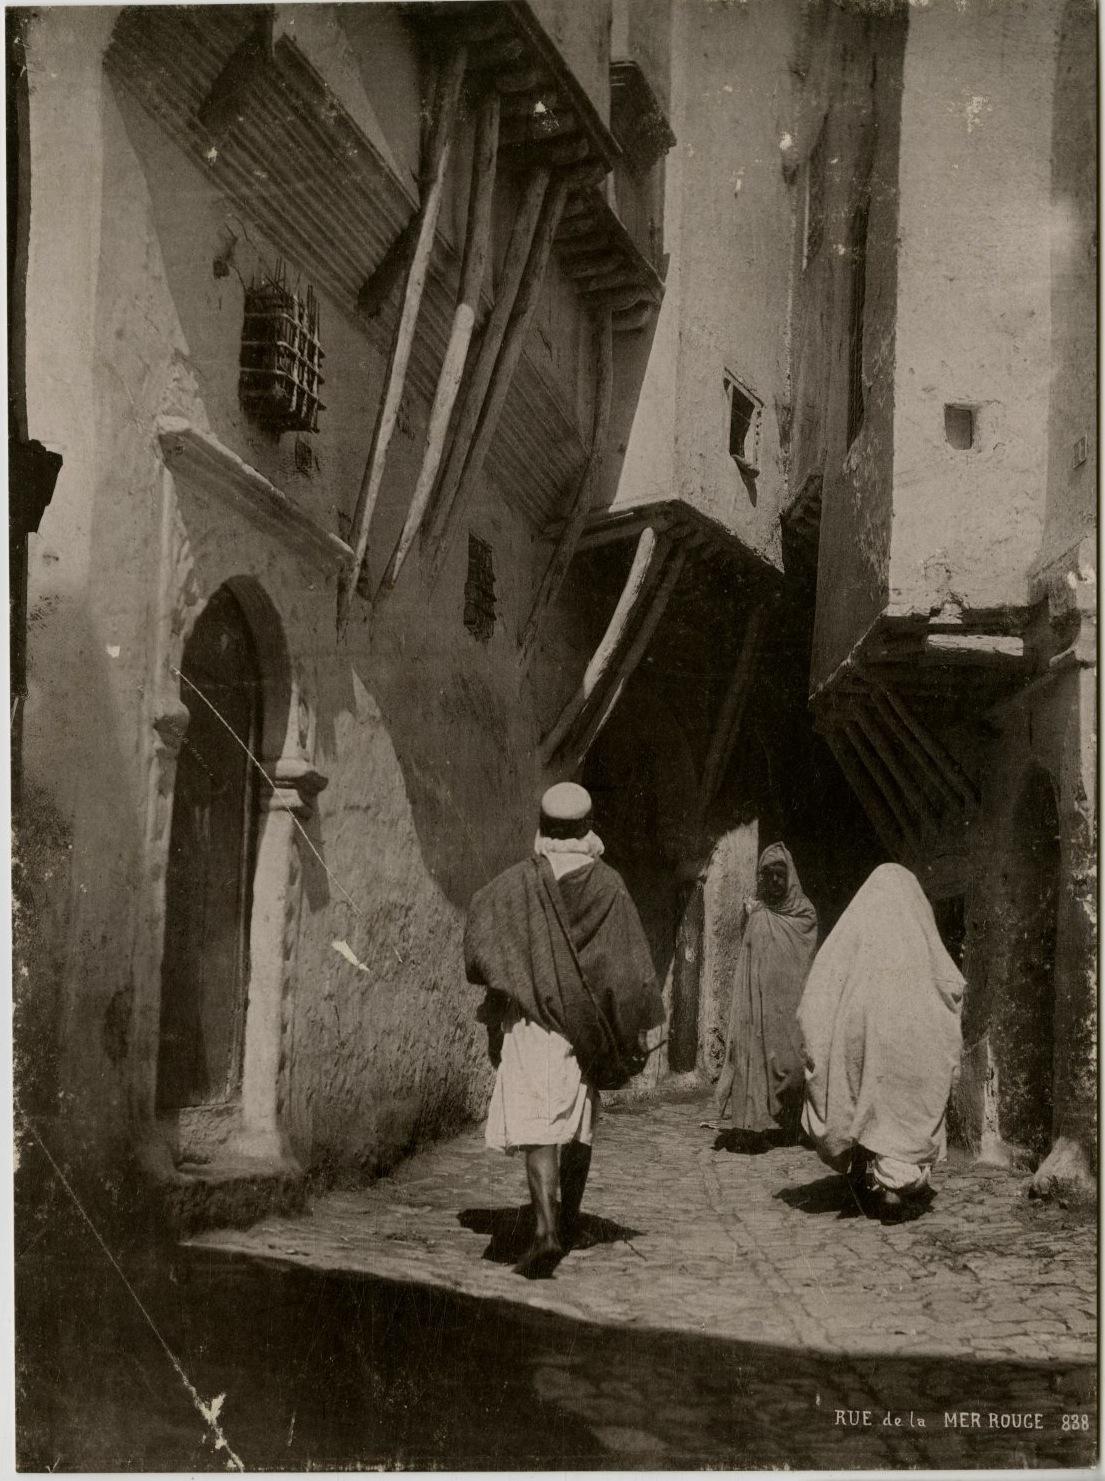 Constantine avant 1837 - 1ère partie -  dans Attributs d'Algérienneté 200407081307693636